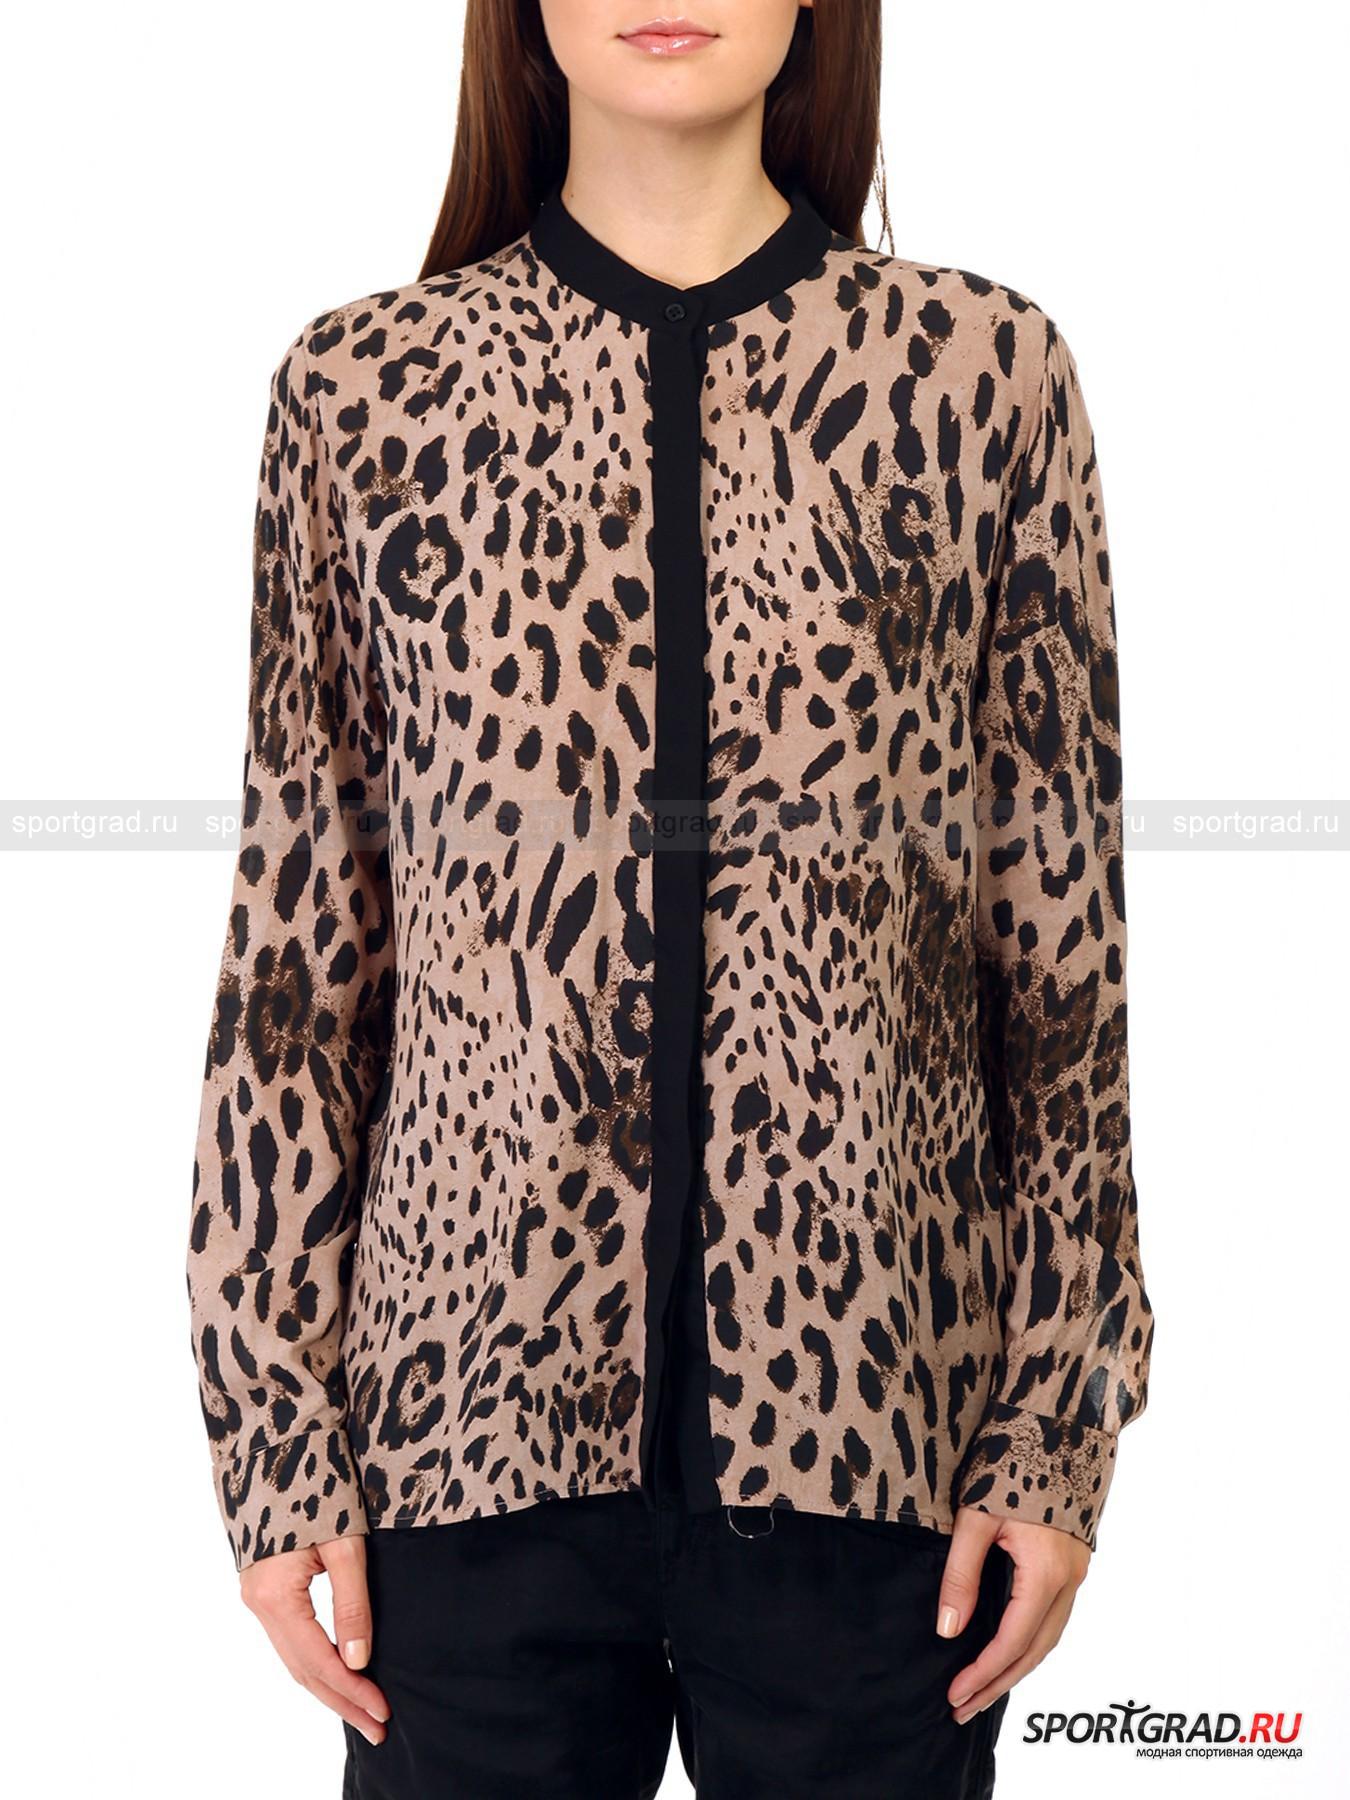 Блузка женская DEHA с леопардовым принтом